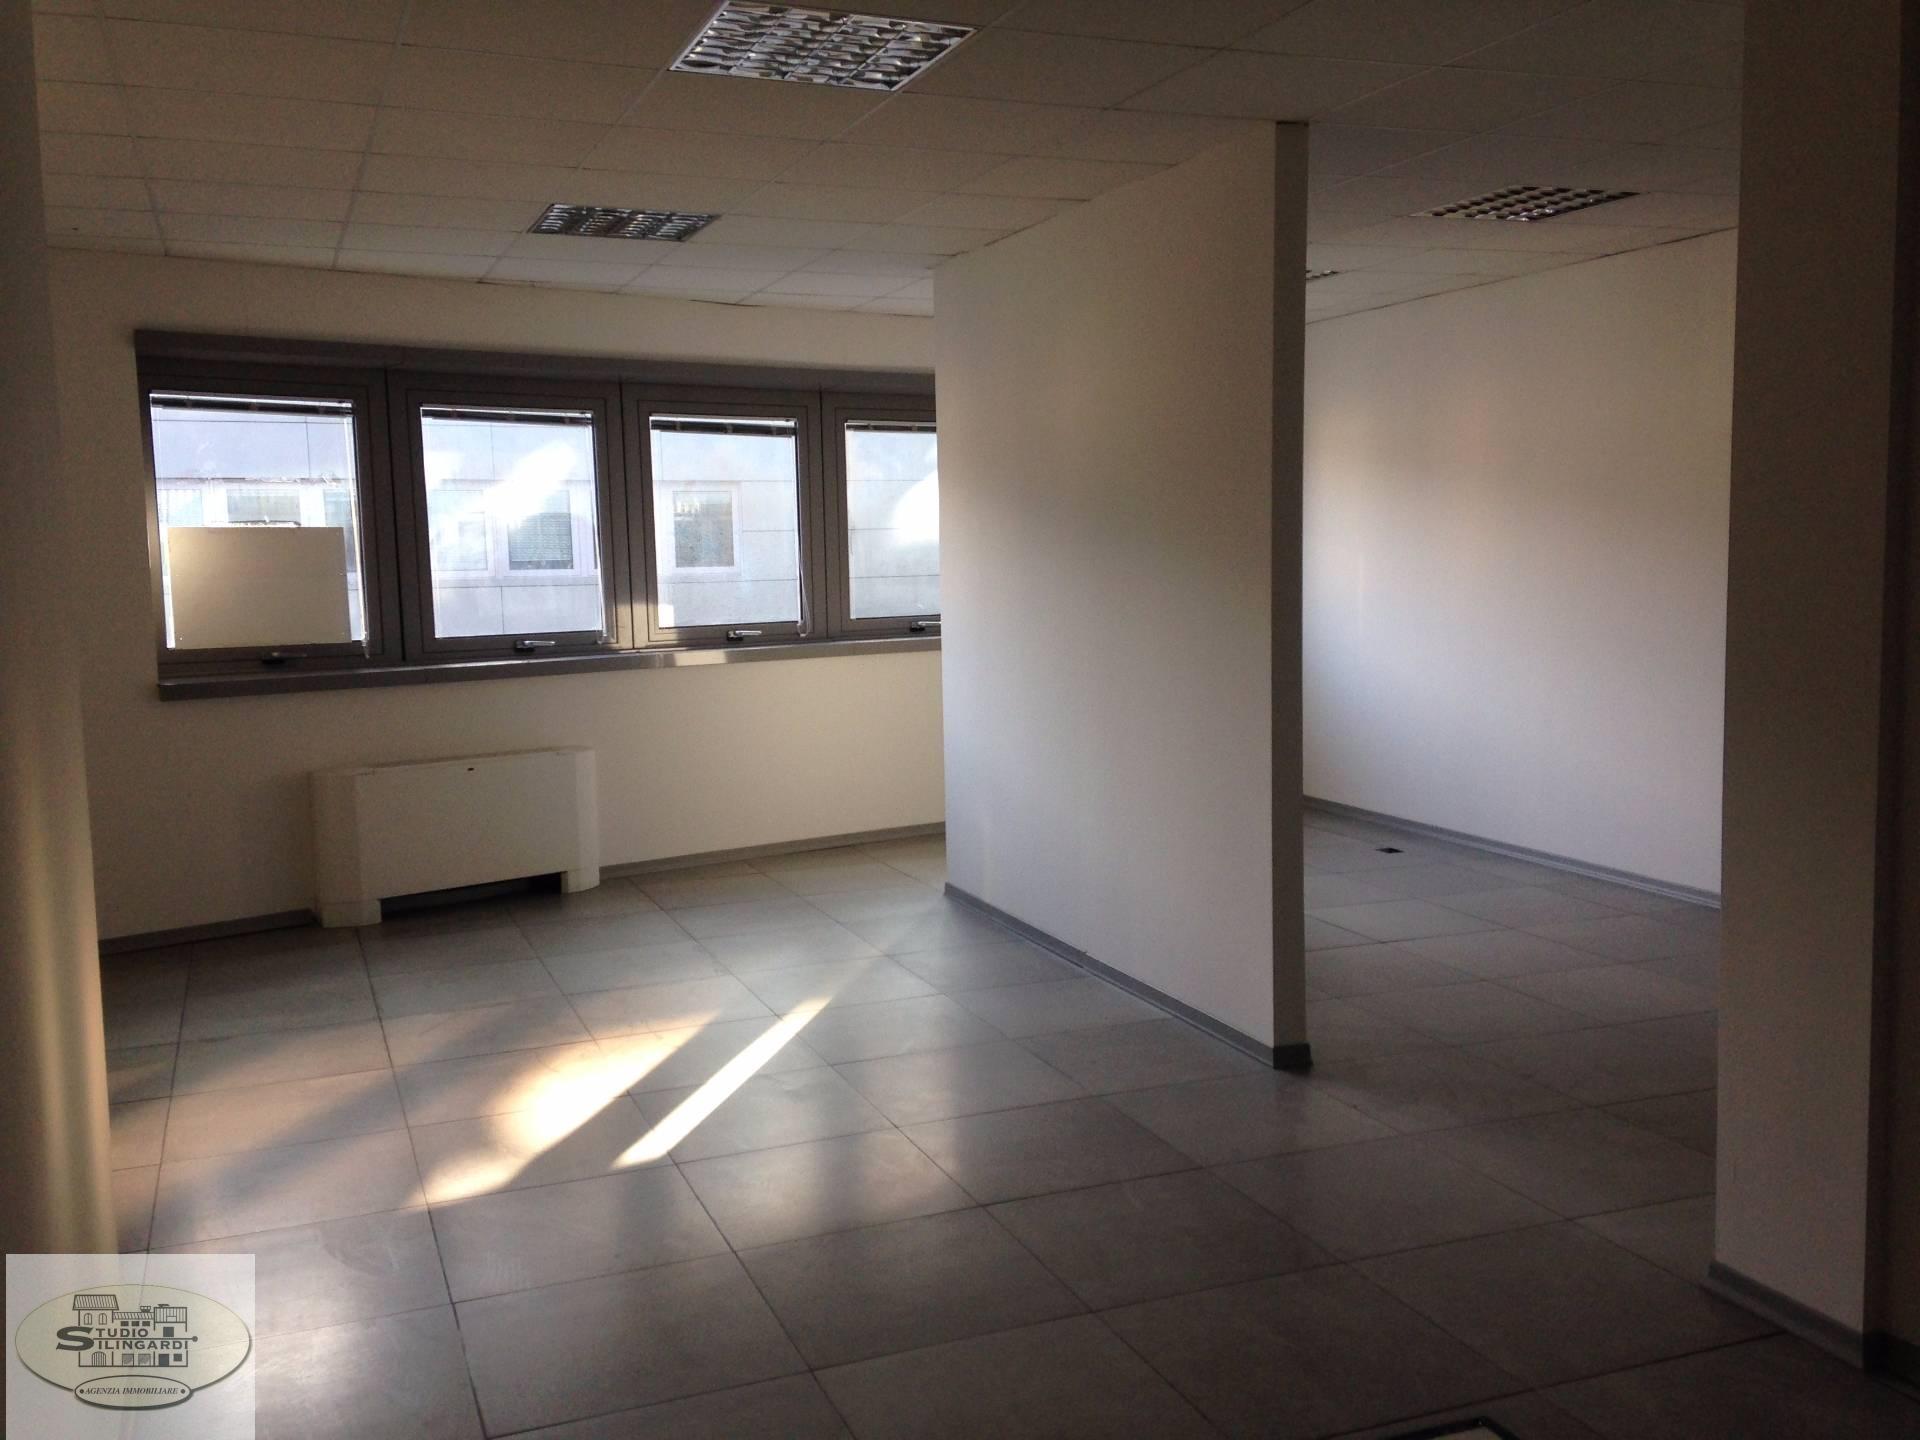 Ufficio / Studio in affitto a Formigine, 9999 locali, zona Località: Formigine, prezzo € 600 | CambioCasa.it